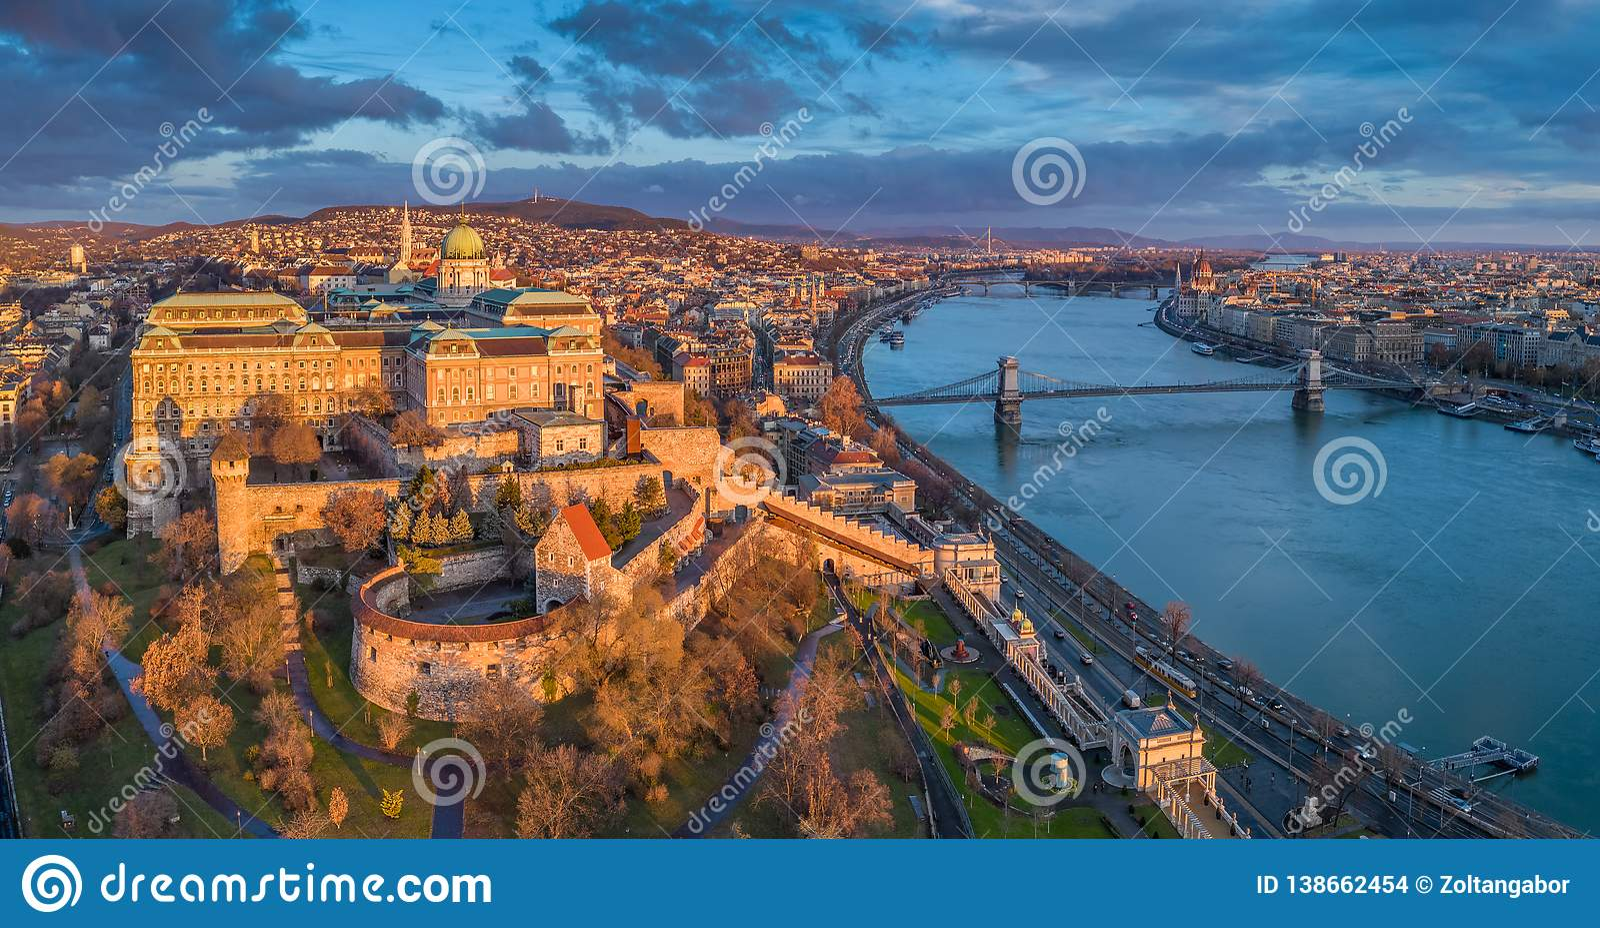 布达佩斯,匈牙利-布达城堡奥斯陆王宫空中全景和塞切尼塞切尼链桥,议会